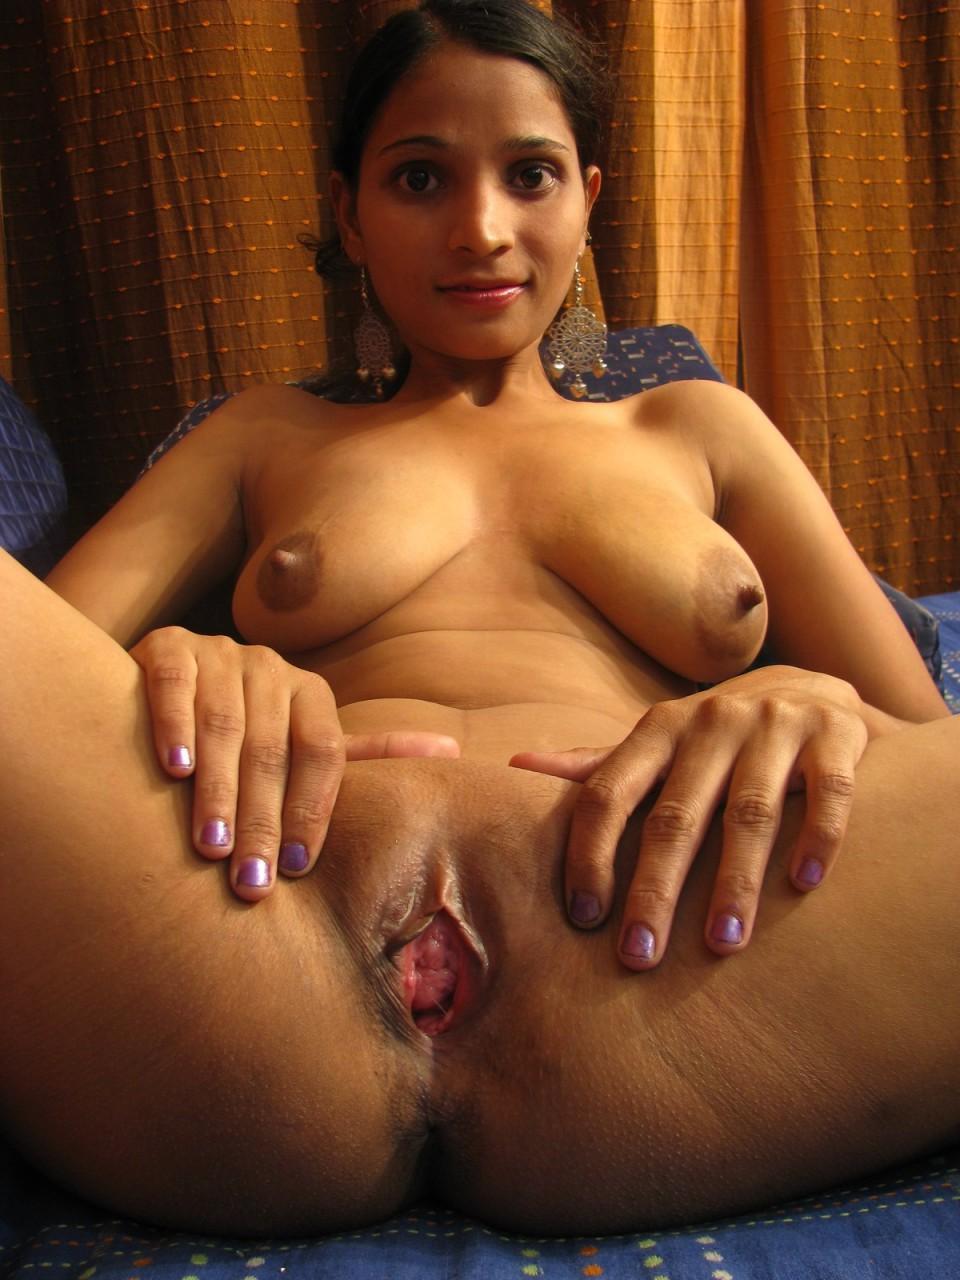 Индианка пошире раздвигает свои ножки - порно фото